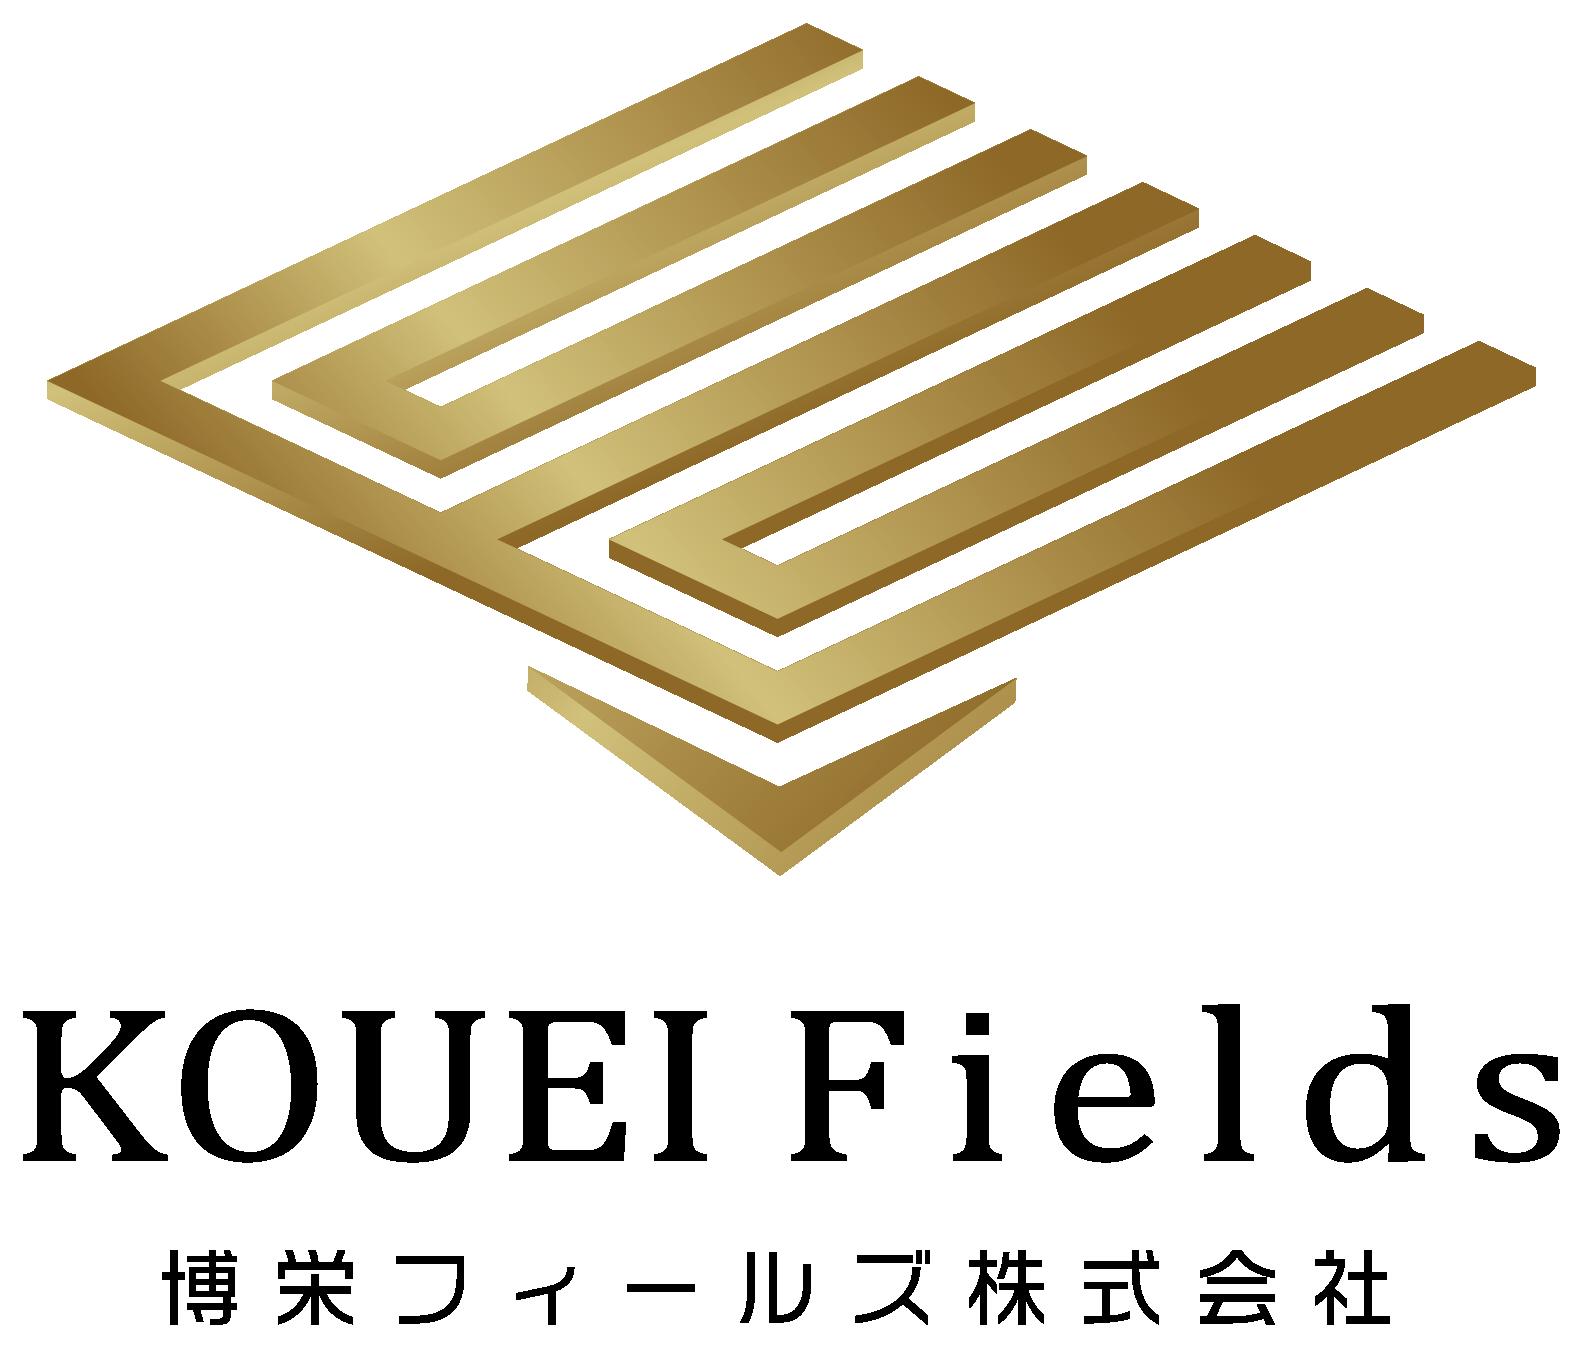 その他と高級感/気品と金のロゴ